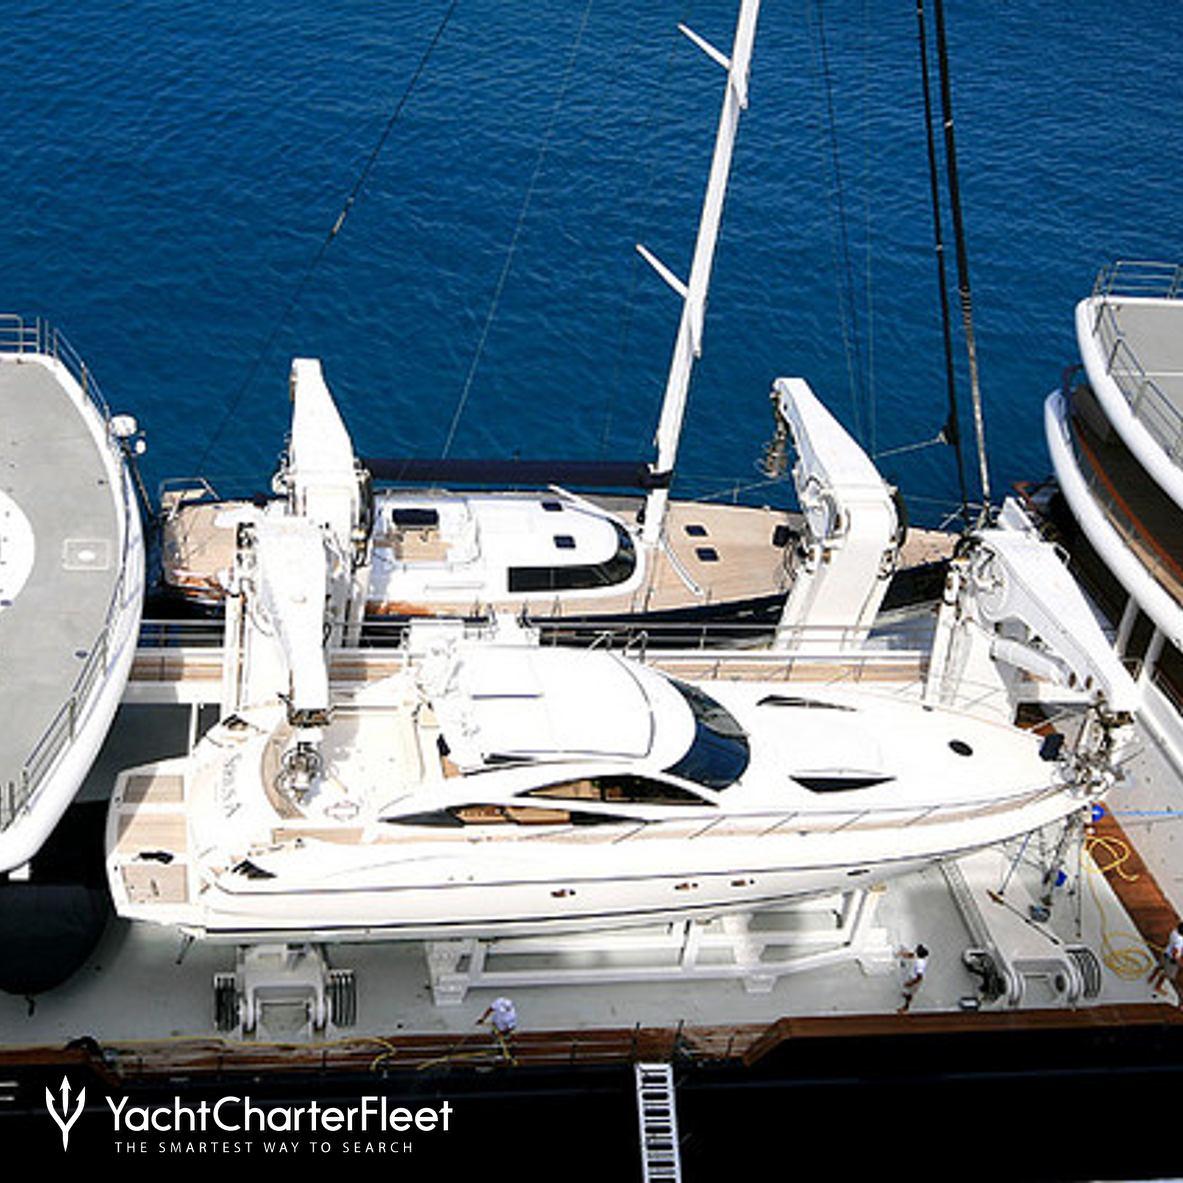 Le Grand Bleu Yacht Photos Bremer Vulkan Yacht Charter Fleet